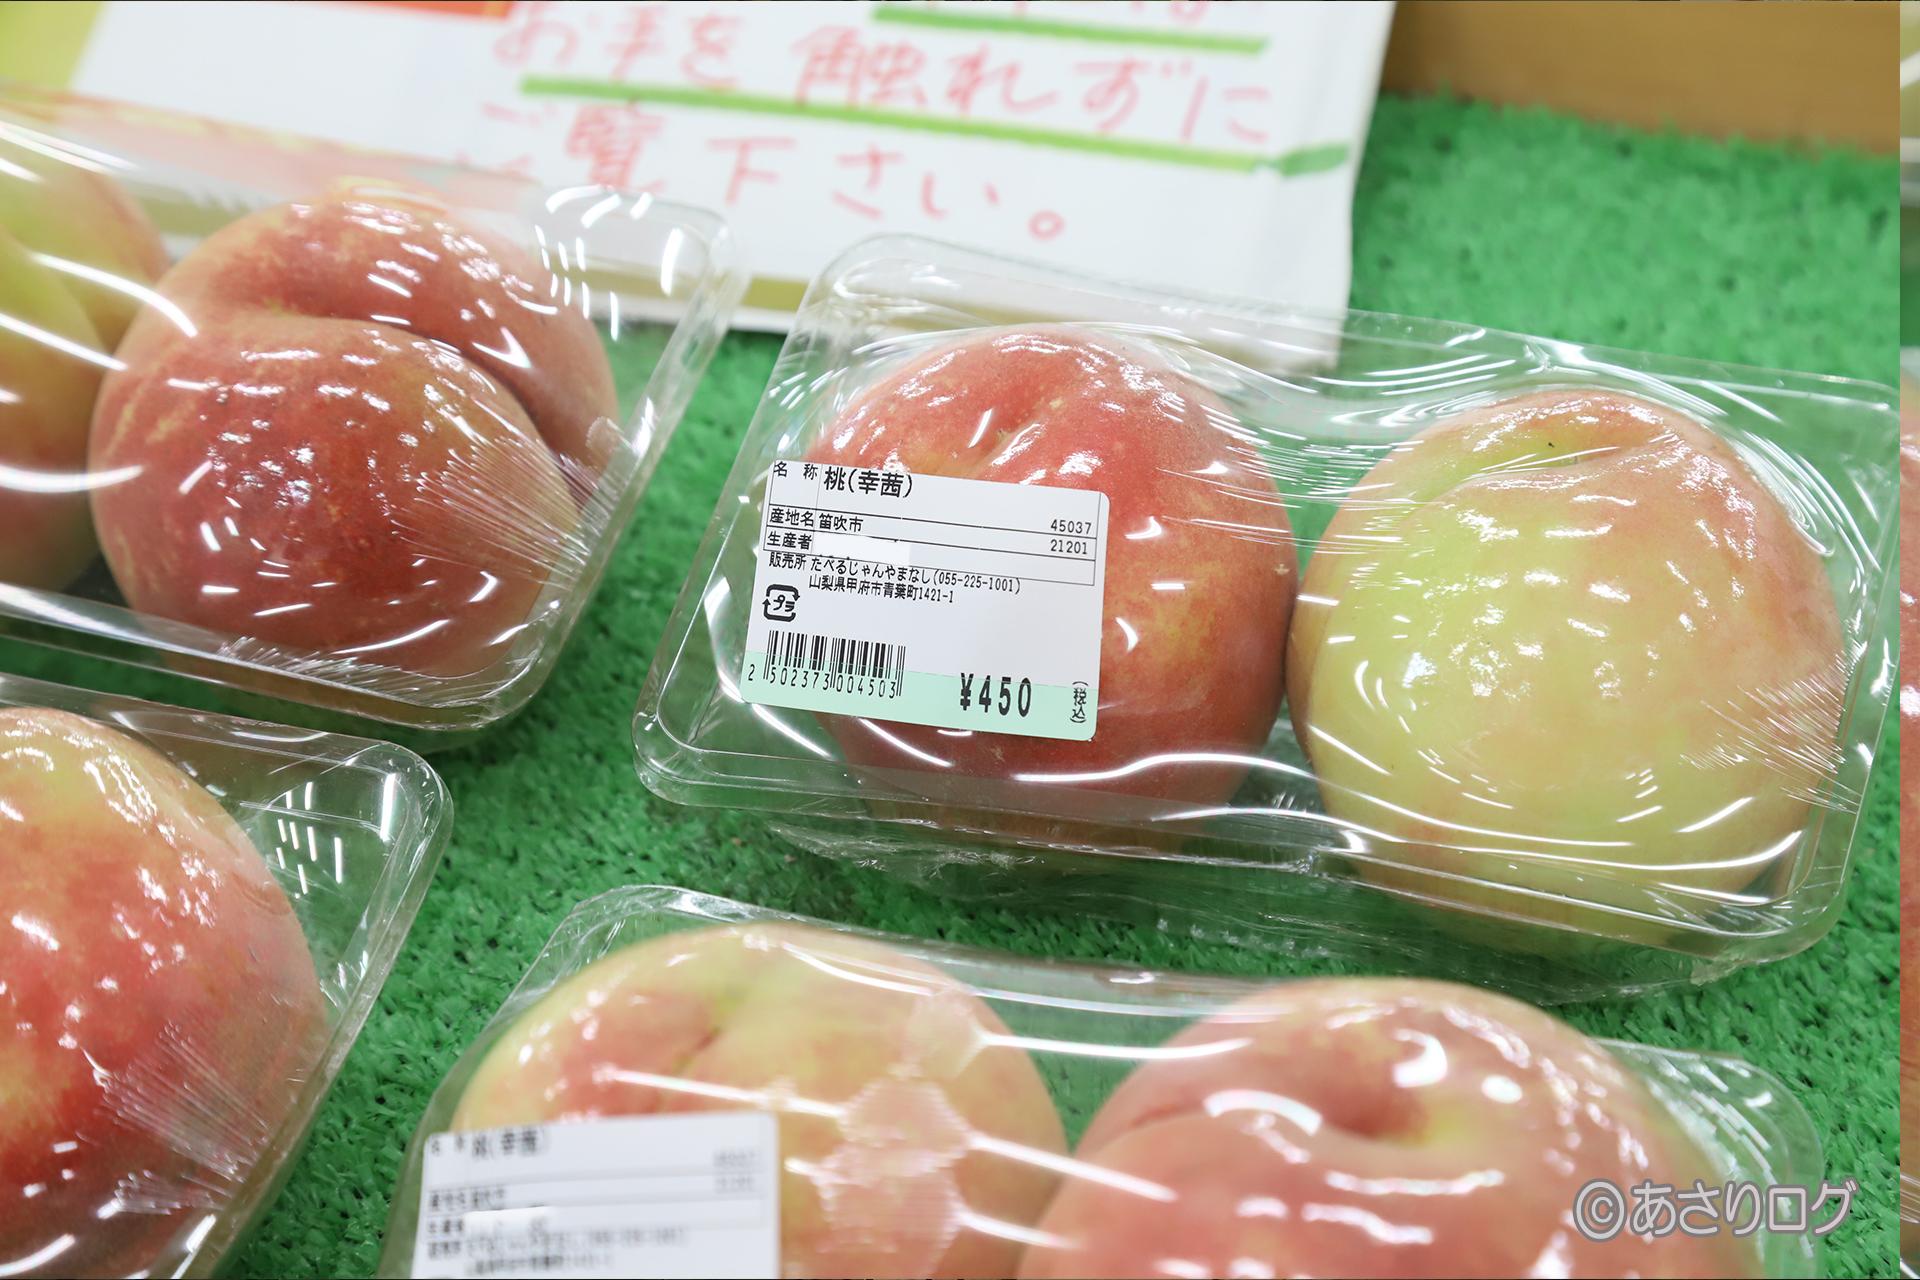 Yamanashi Fruit